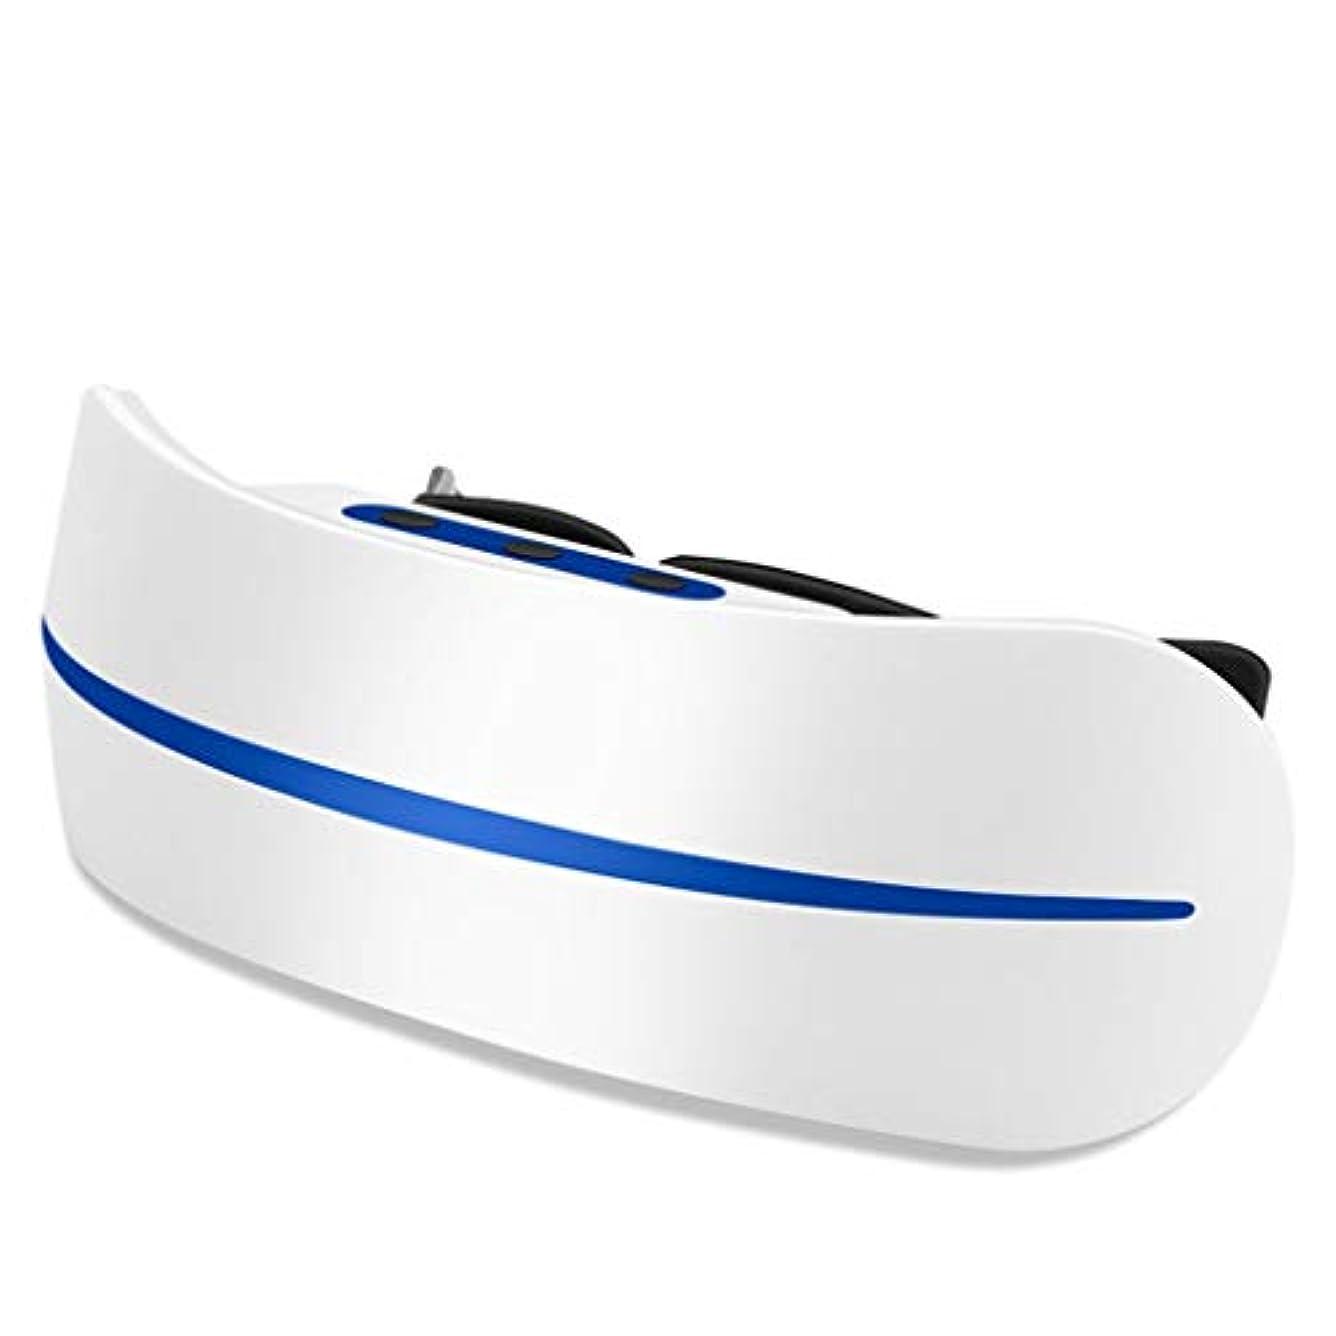 起こりやすい合計モンキーアイマッサージャー視力回復剤アイ近視矯正アイプロテクターアイプロテクション軽減疲労ダークサークルアイマスク